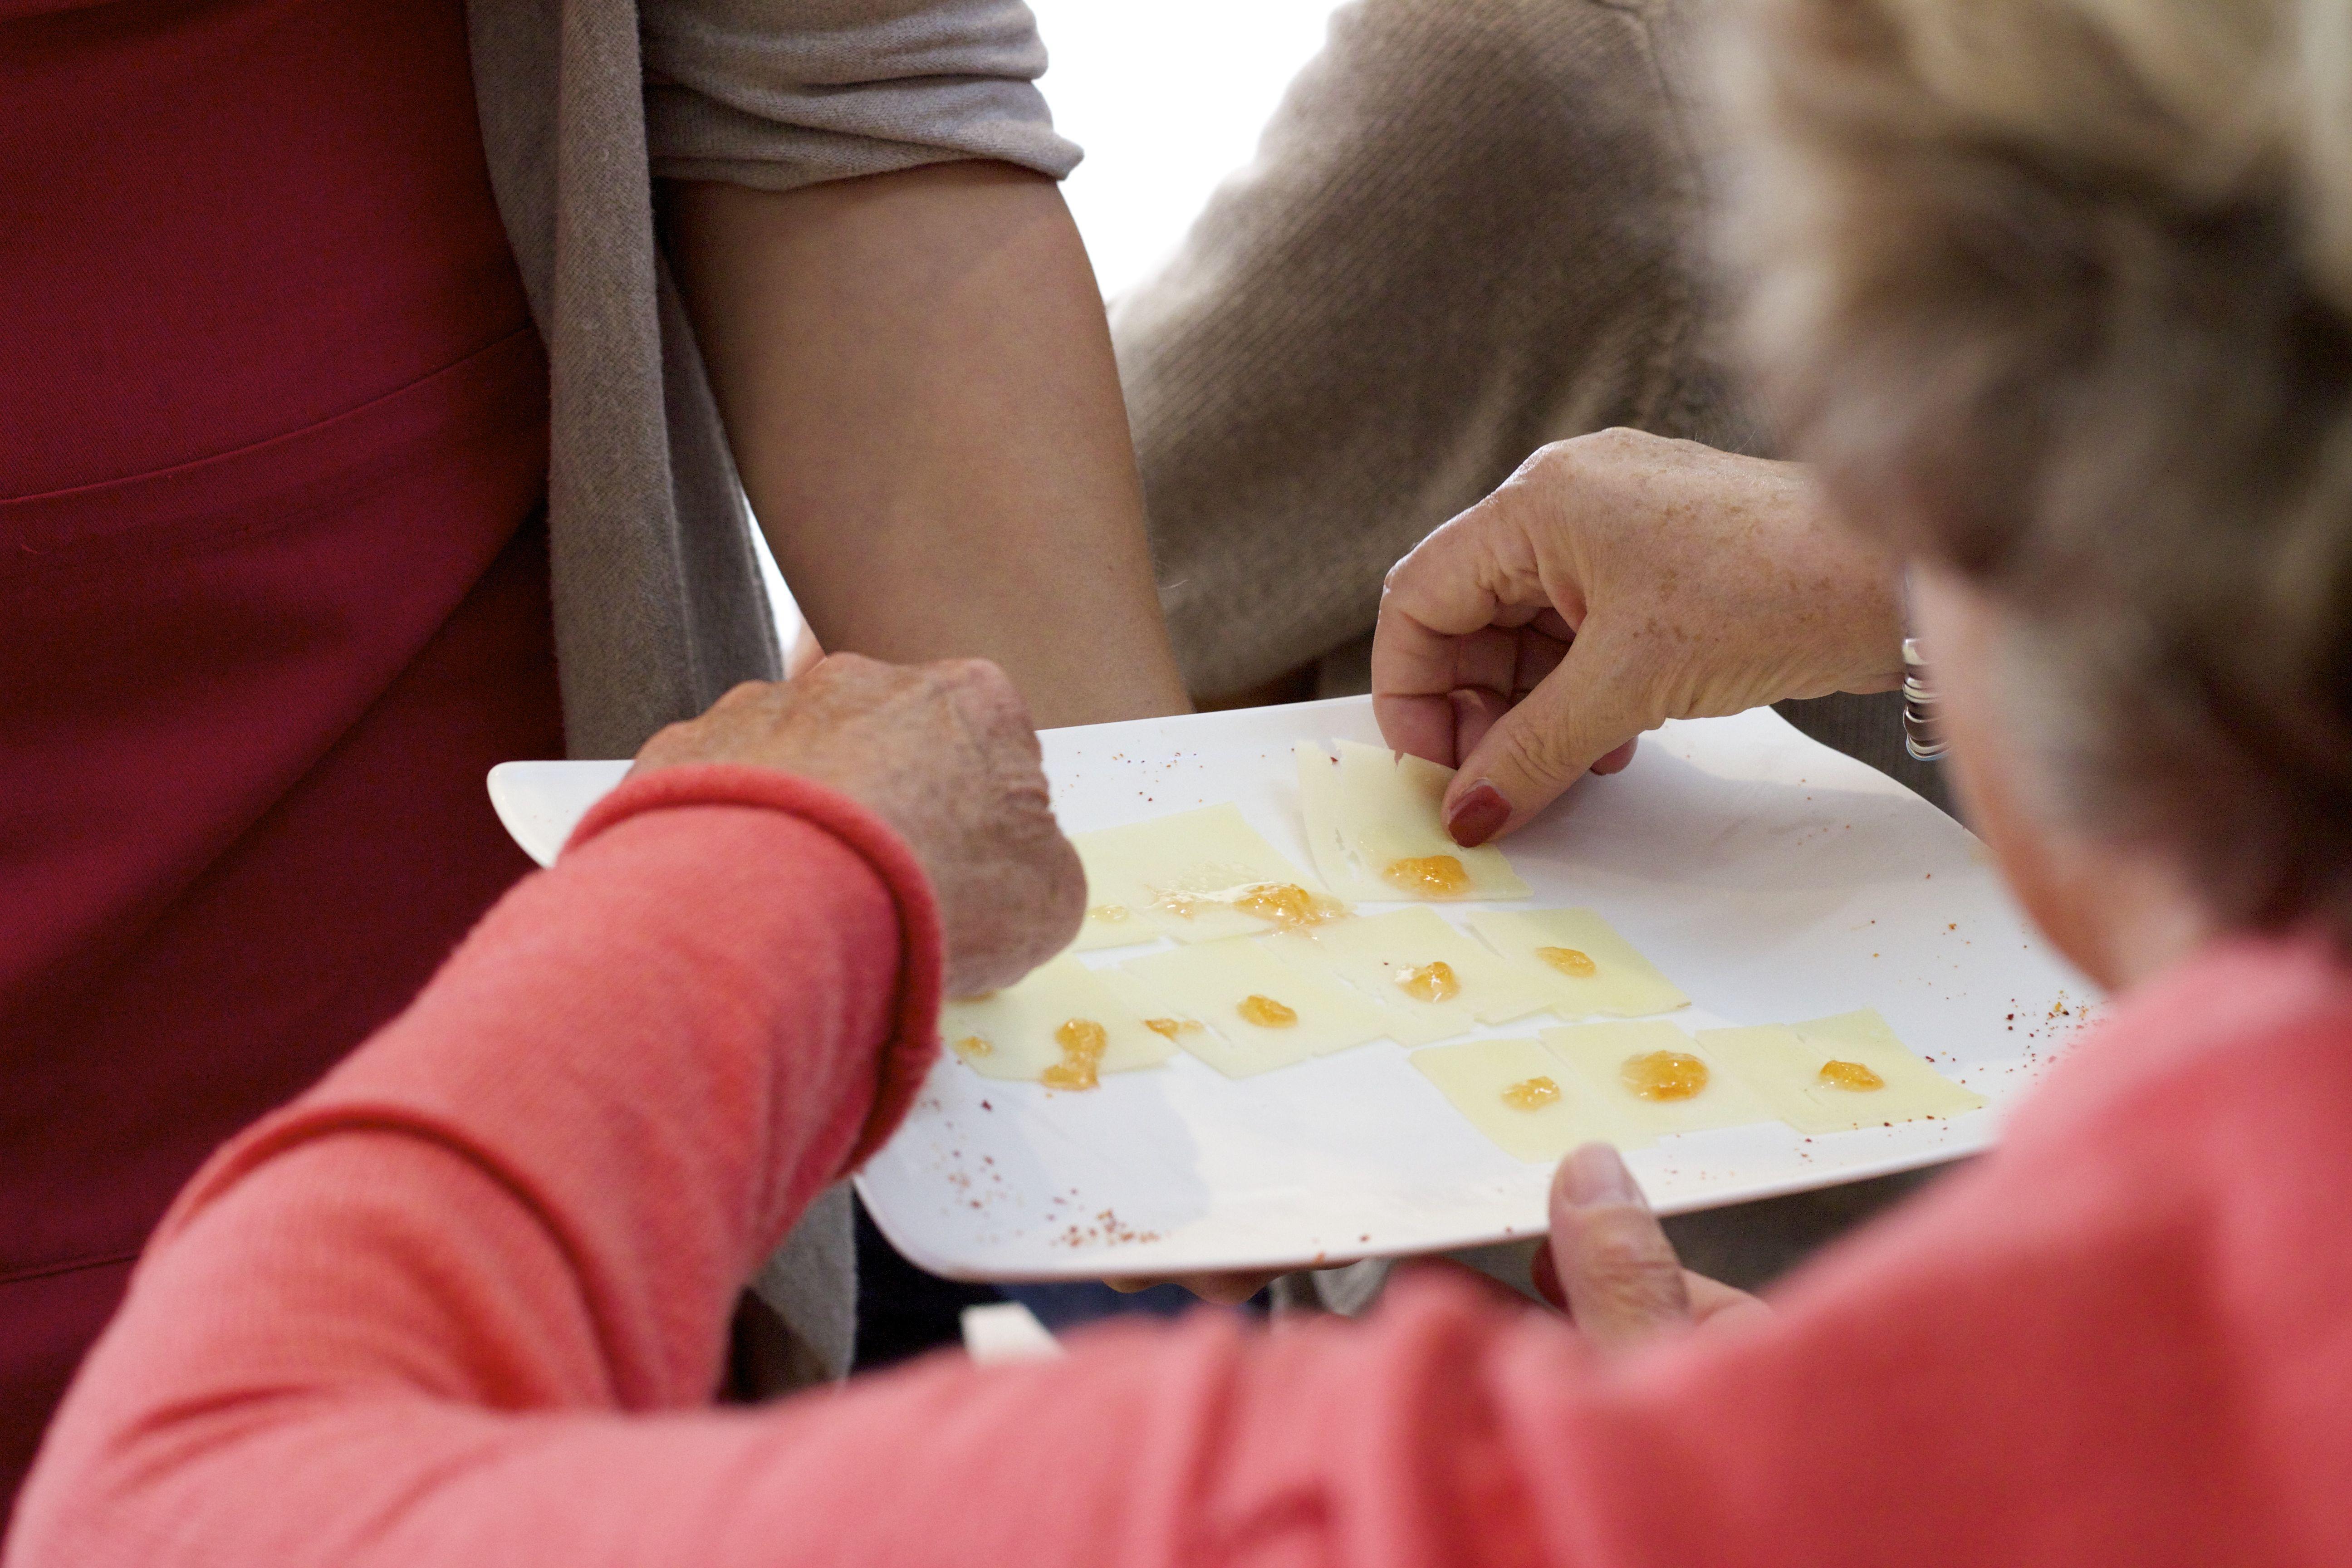 seminaire-pays-basque-le-cercle-degustation-piment-espelette